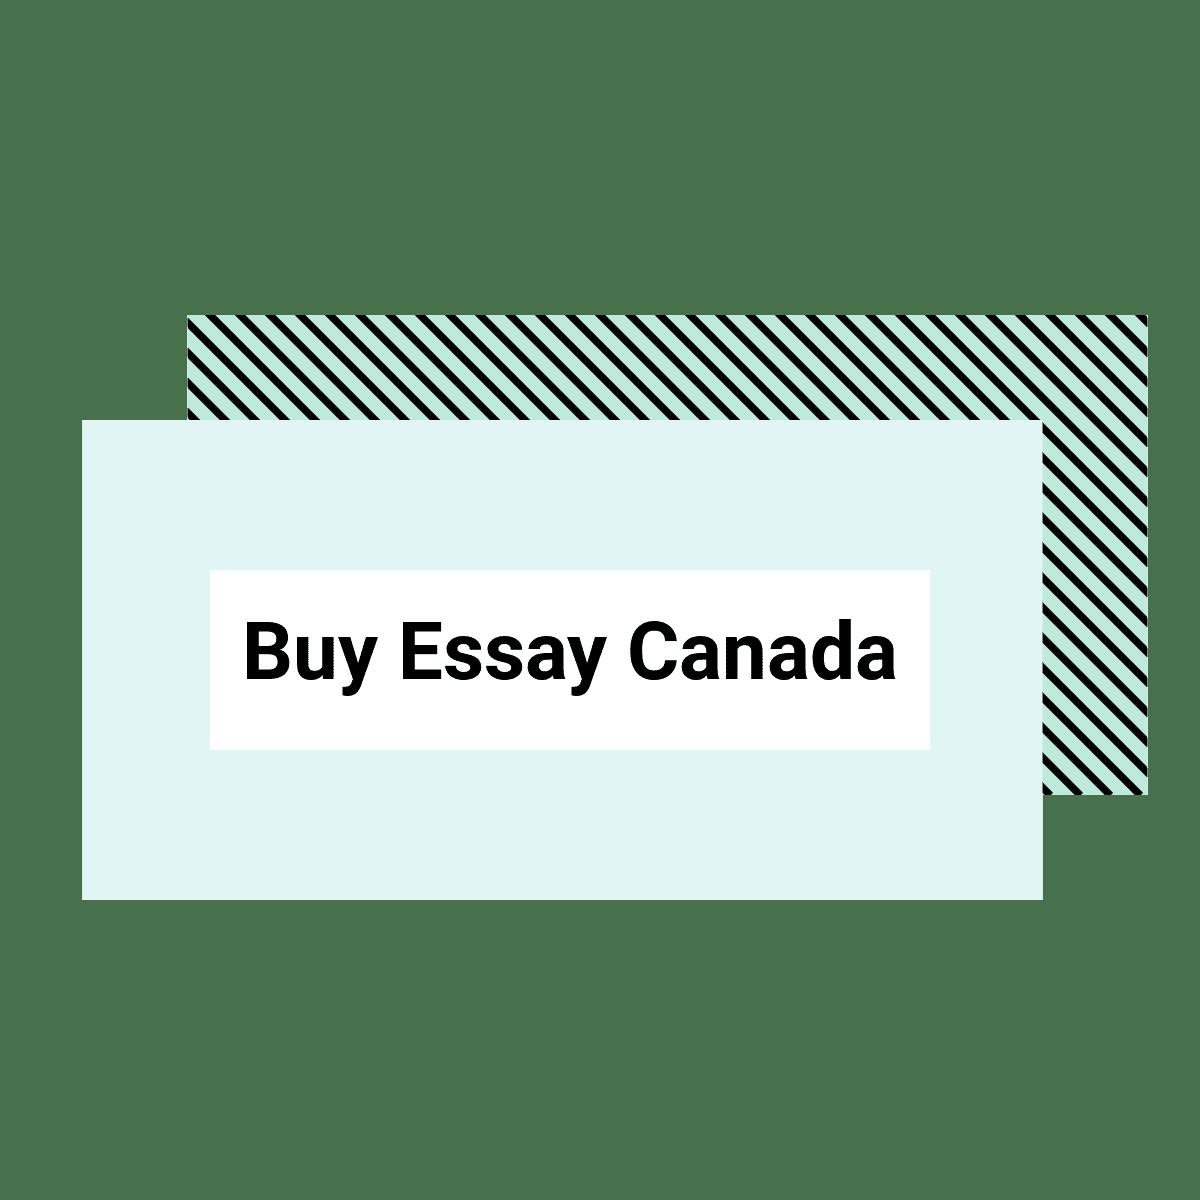 Buy Essay Canada